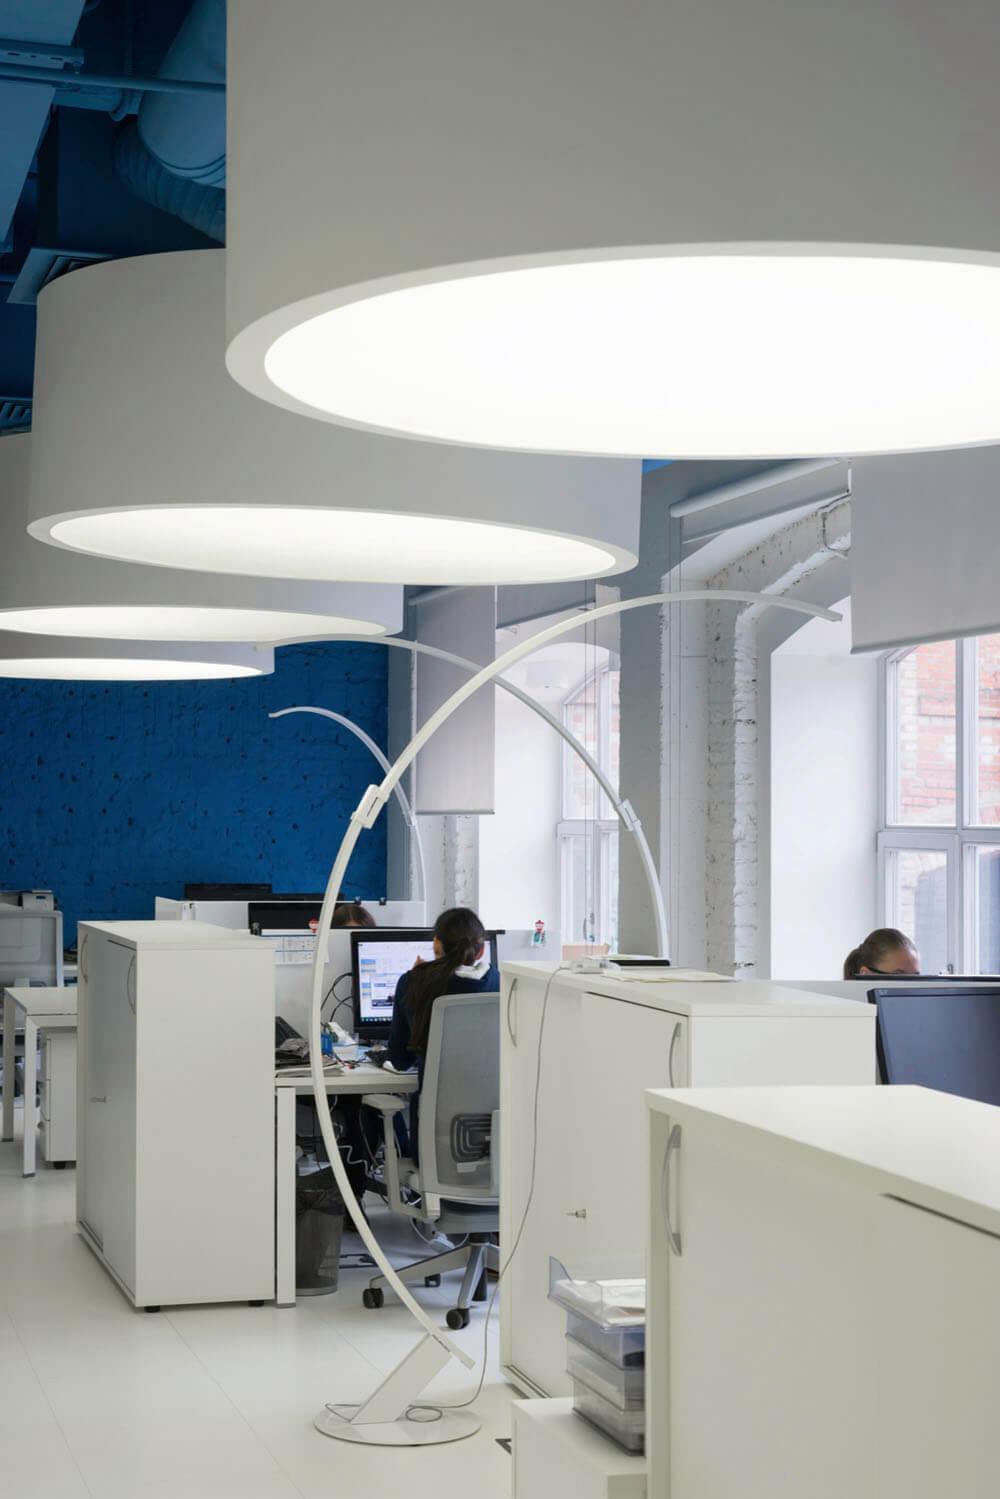 Креативное оформление офиса синий потолок с большими белыми цилиндрическими светильниками - фото 2